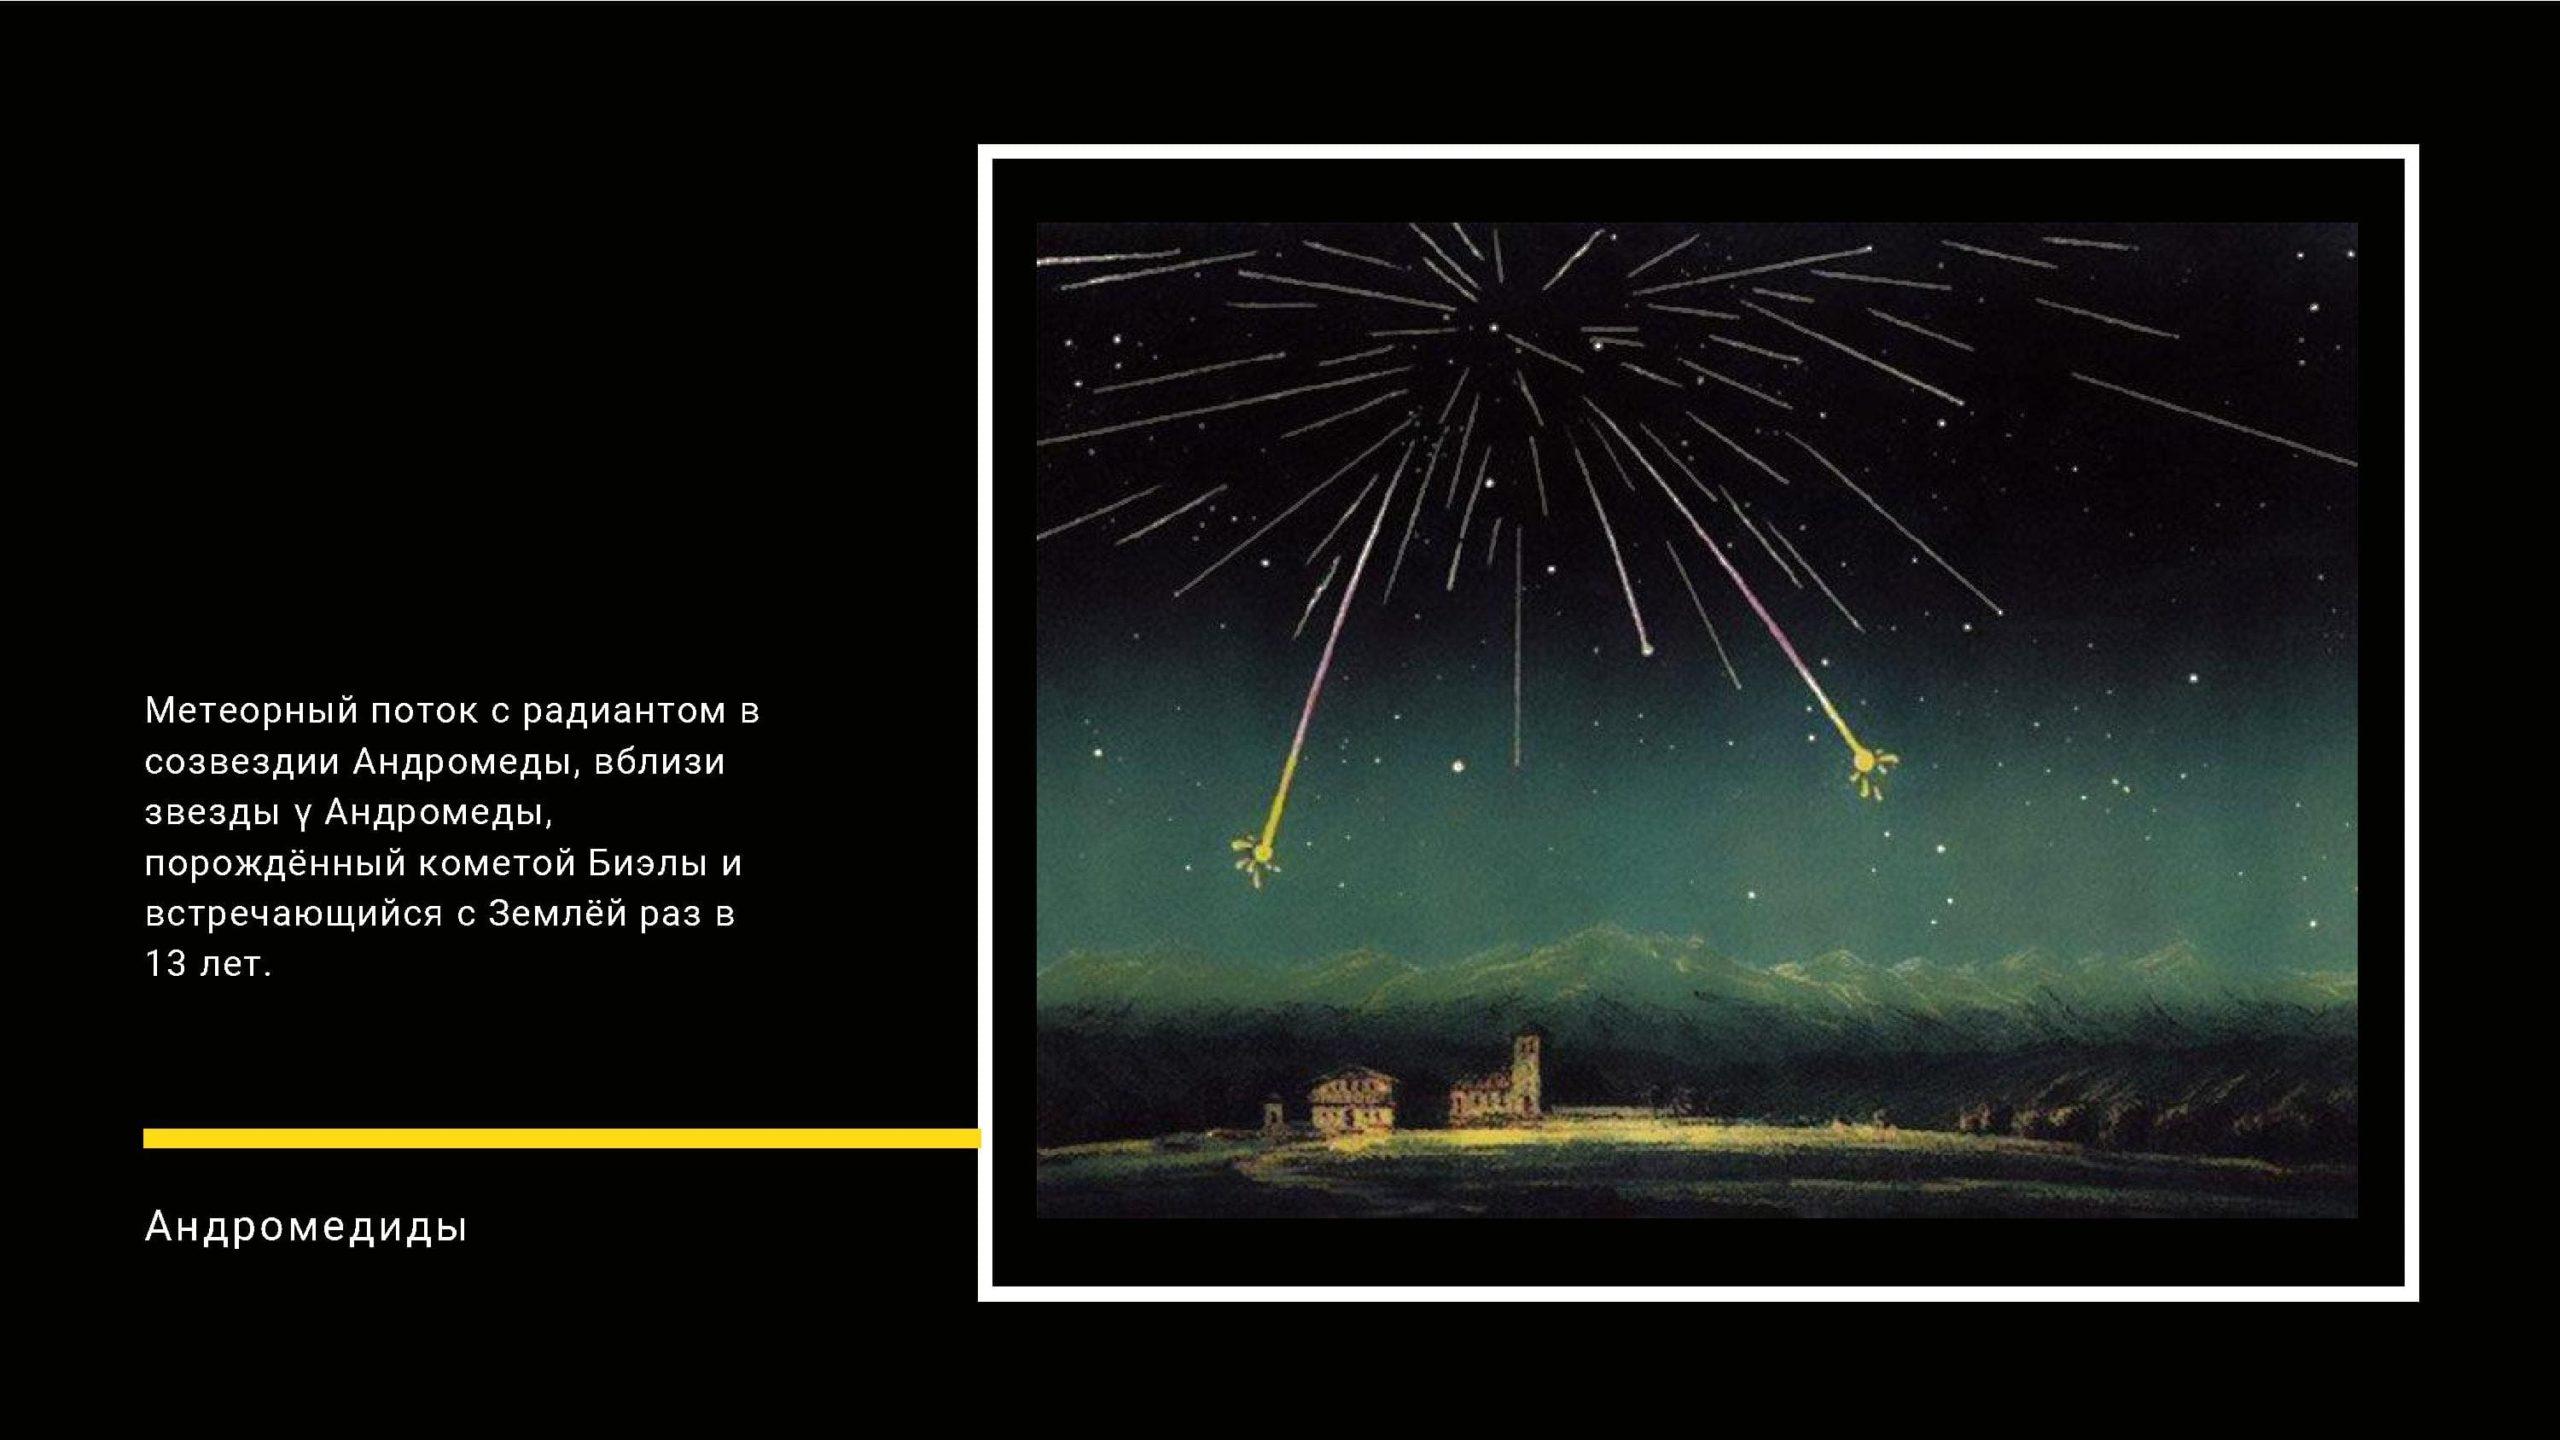 Метеорный поток с радиантом в созвездии Андромеды